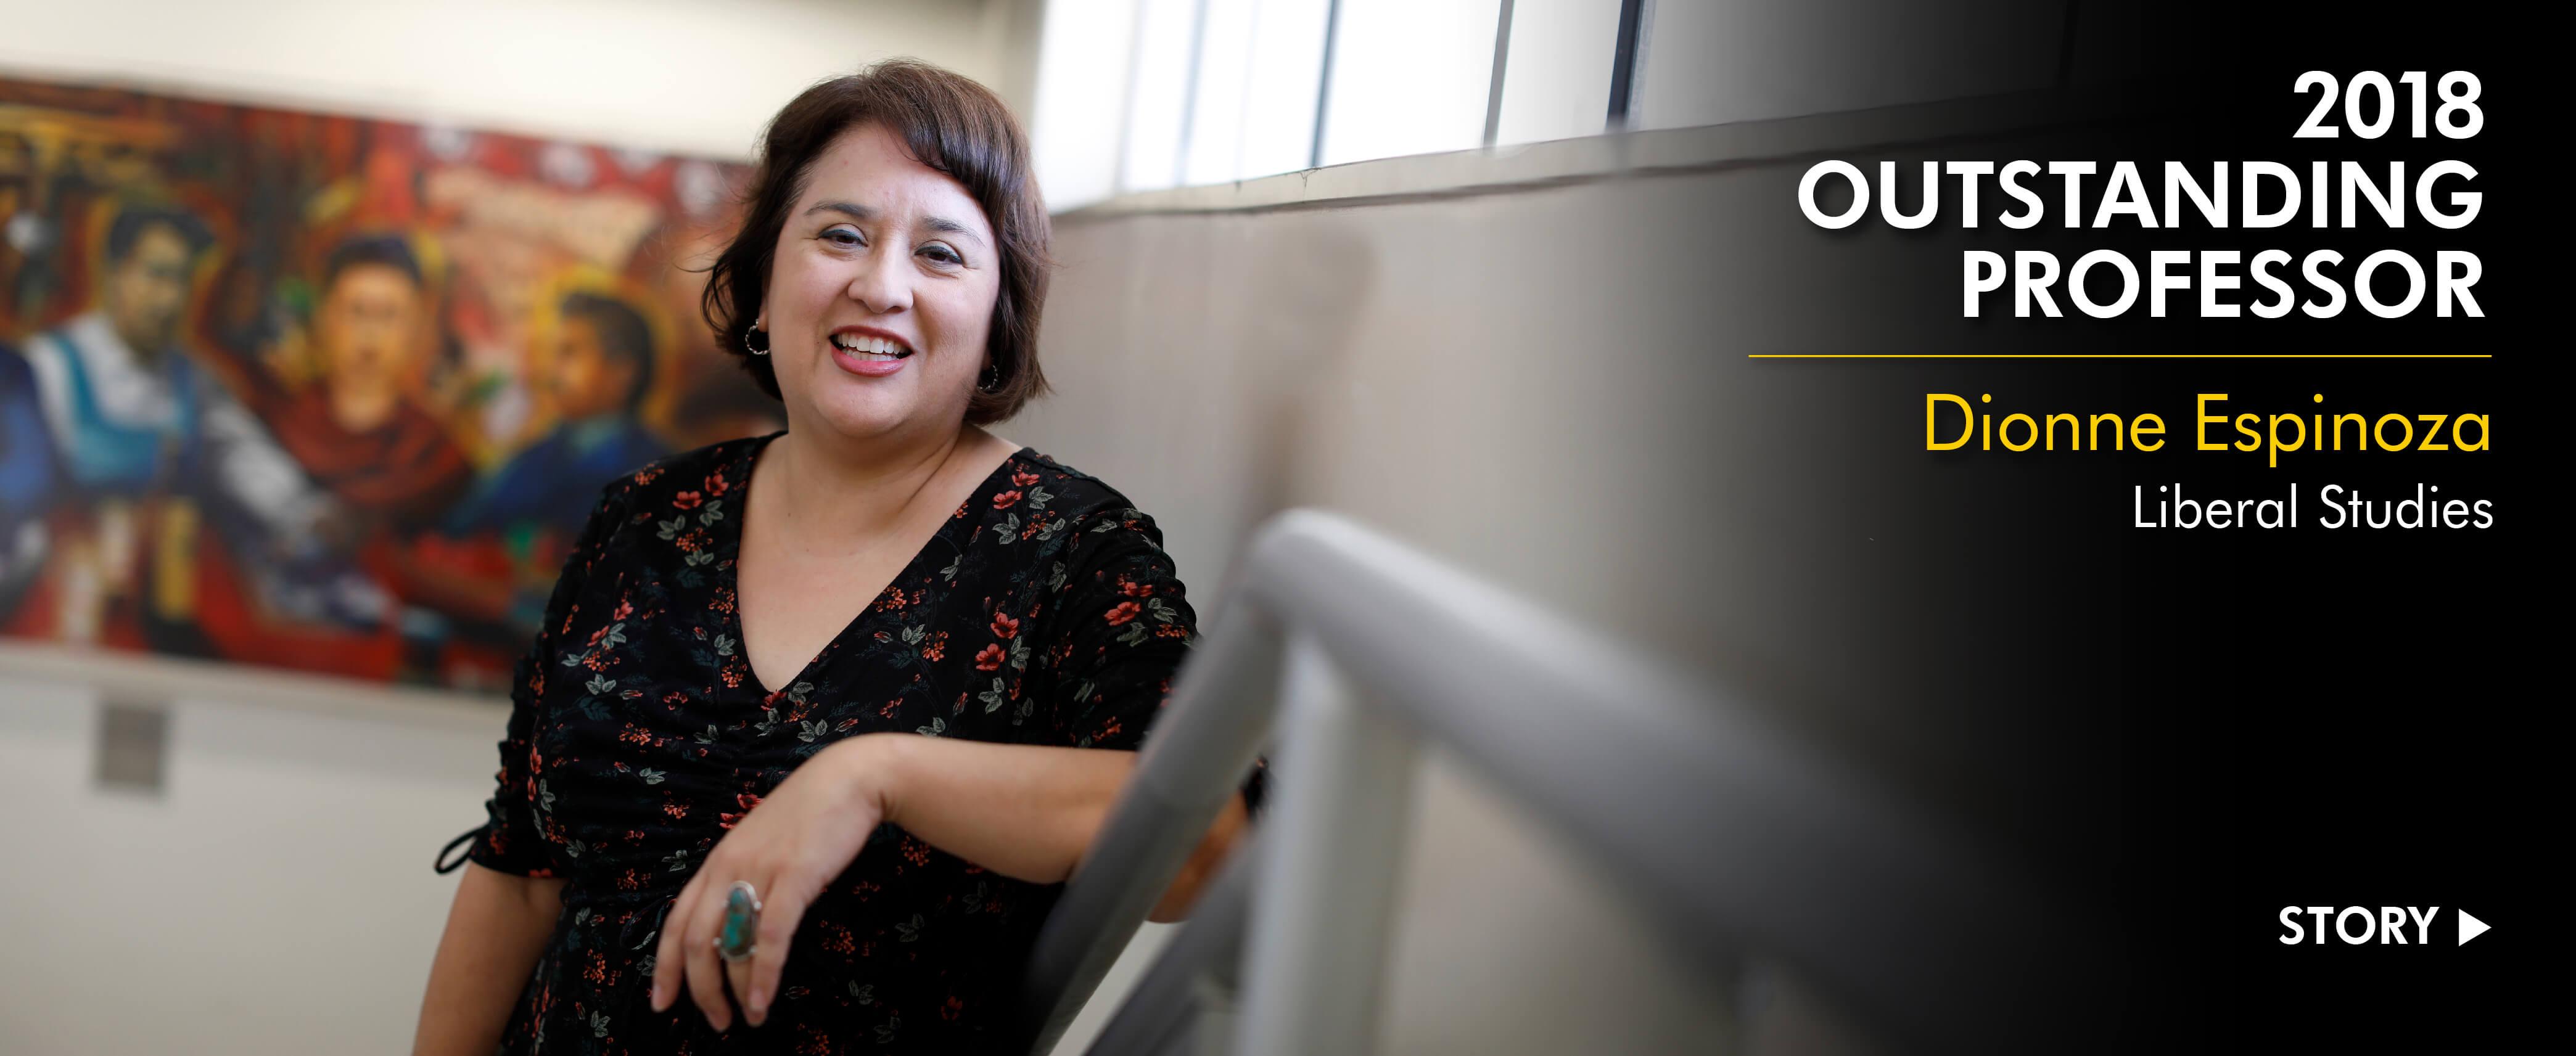 2018 Outstanding Professor Dionne Espinoza